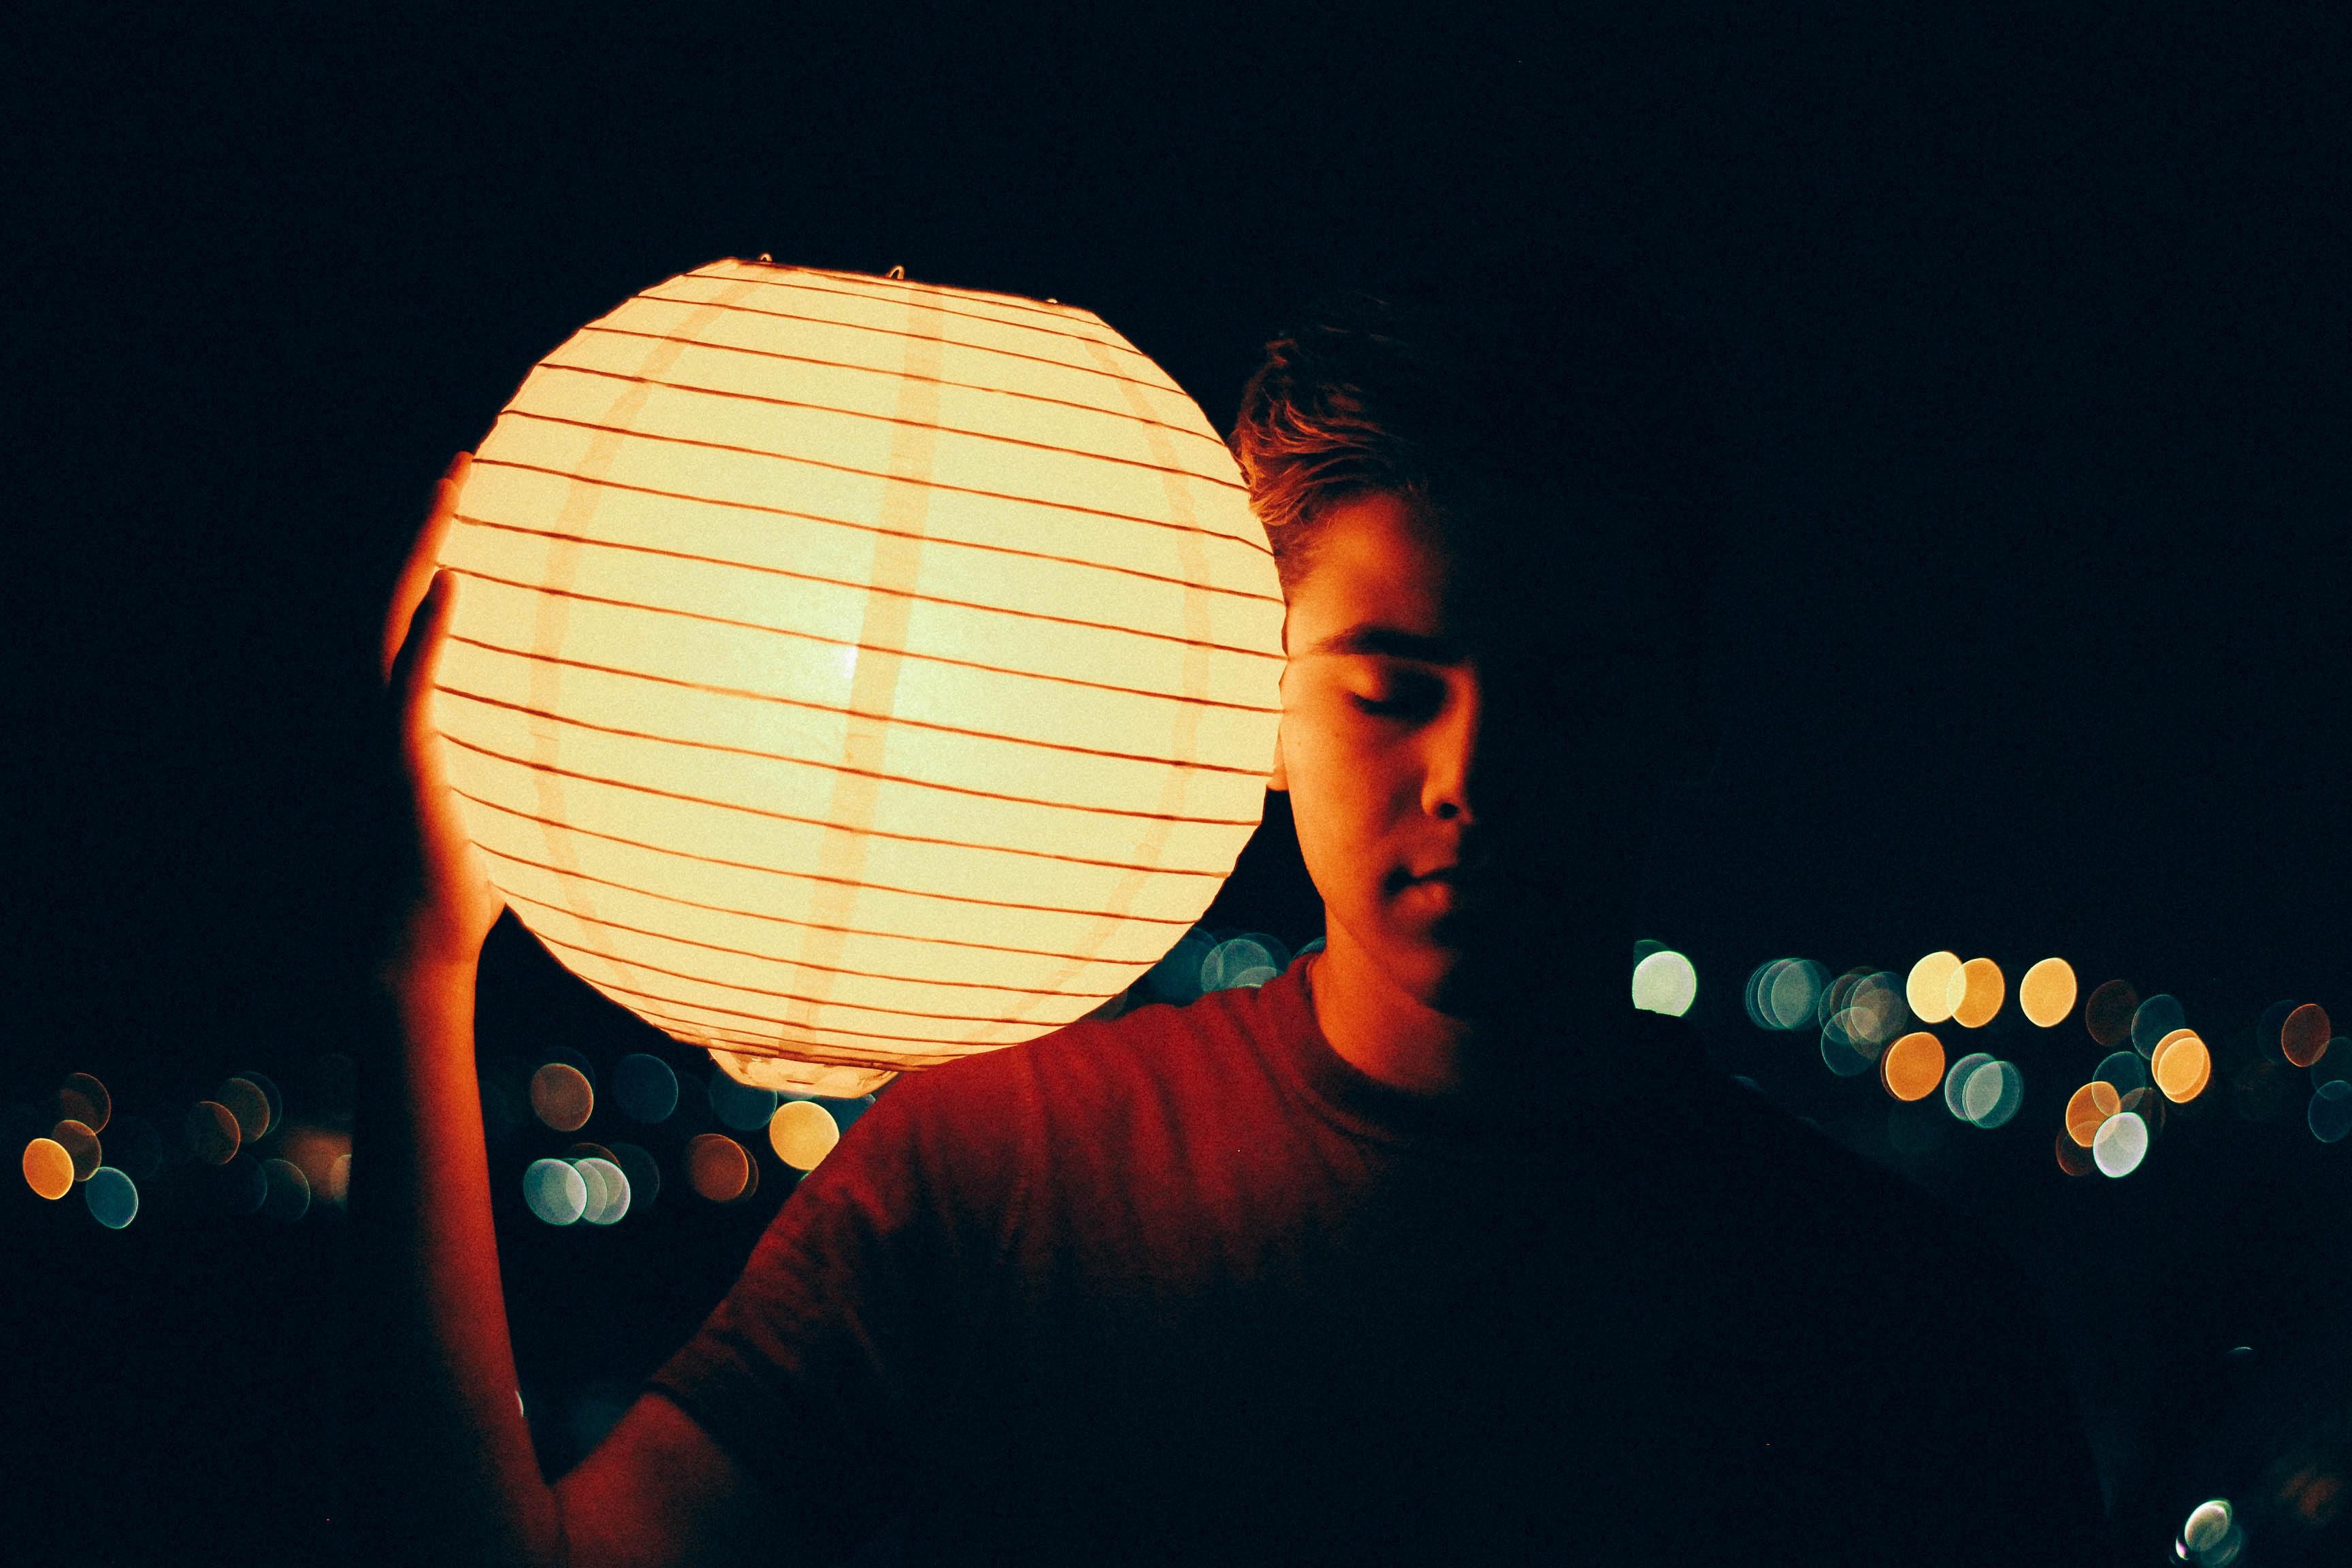 man holding lantern during nighttime